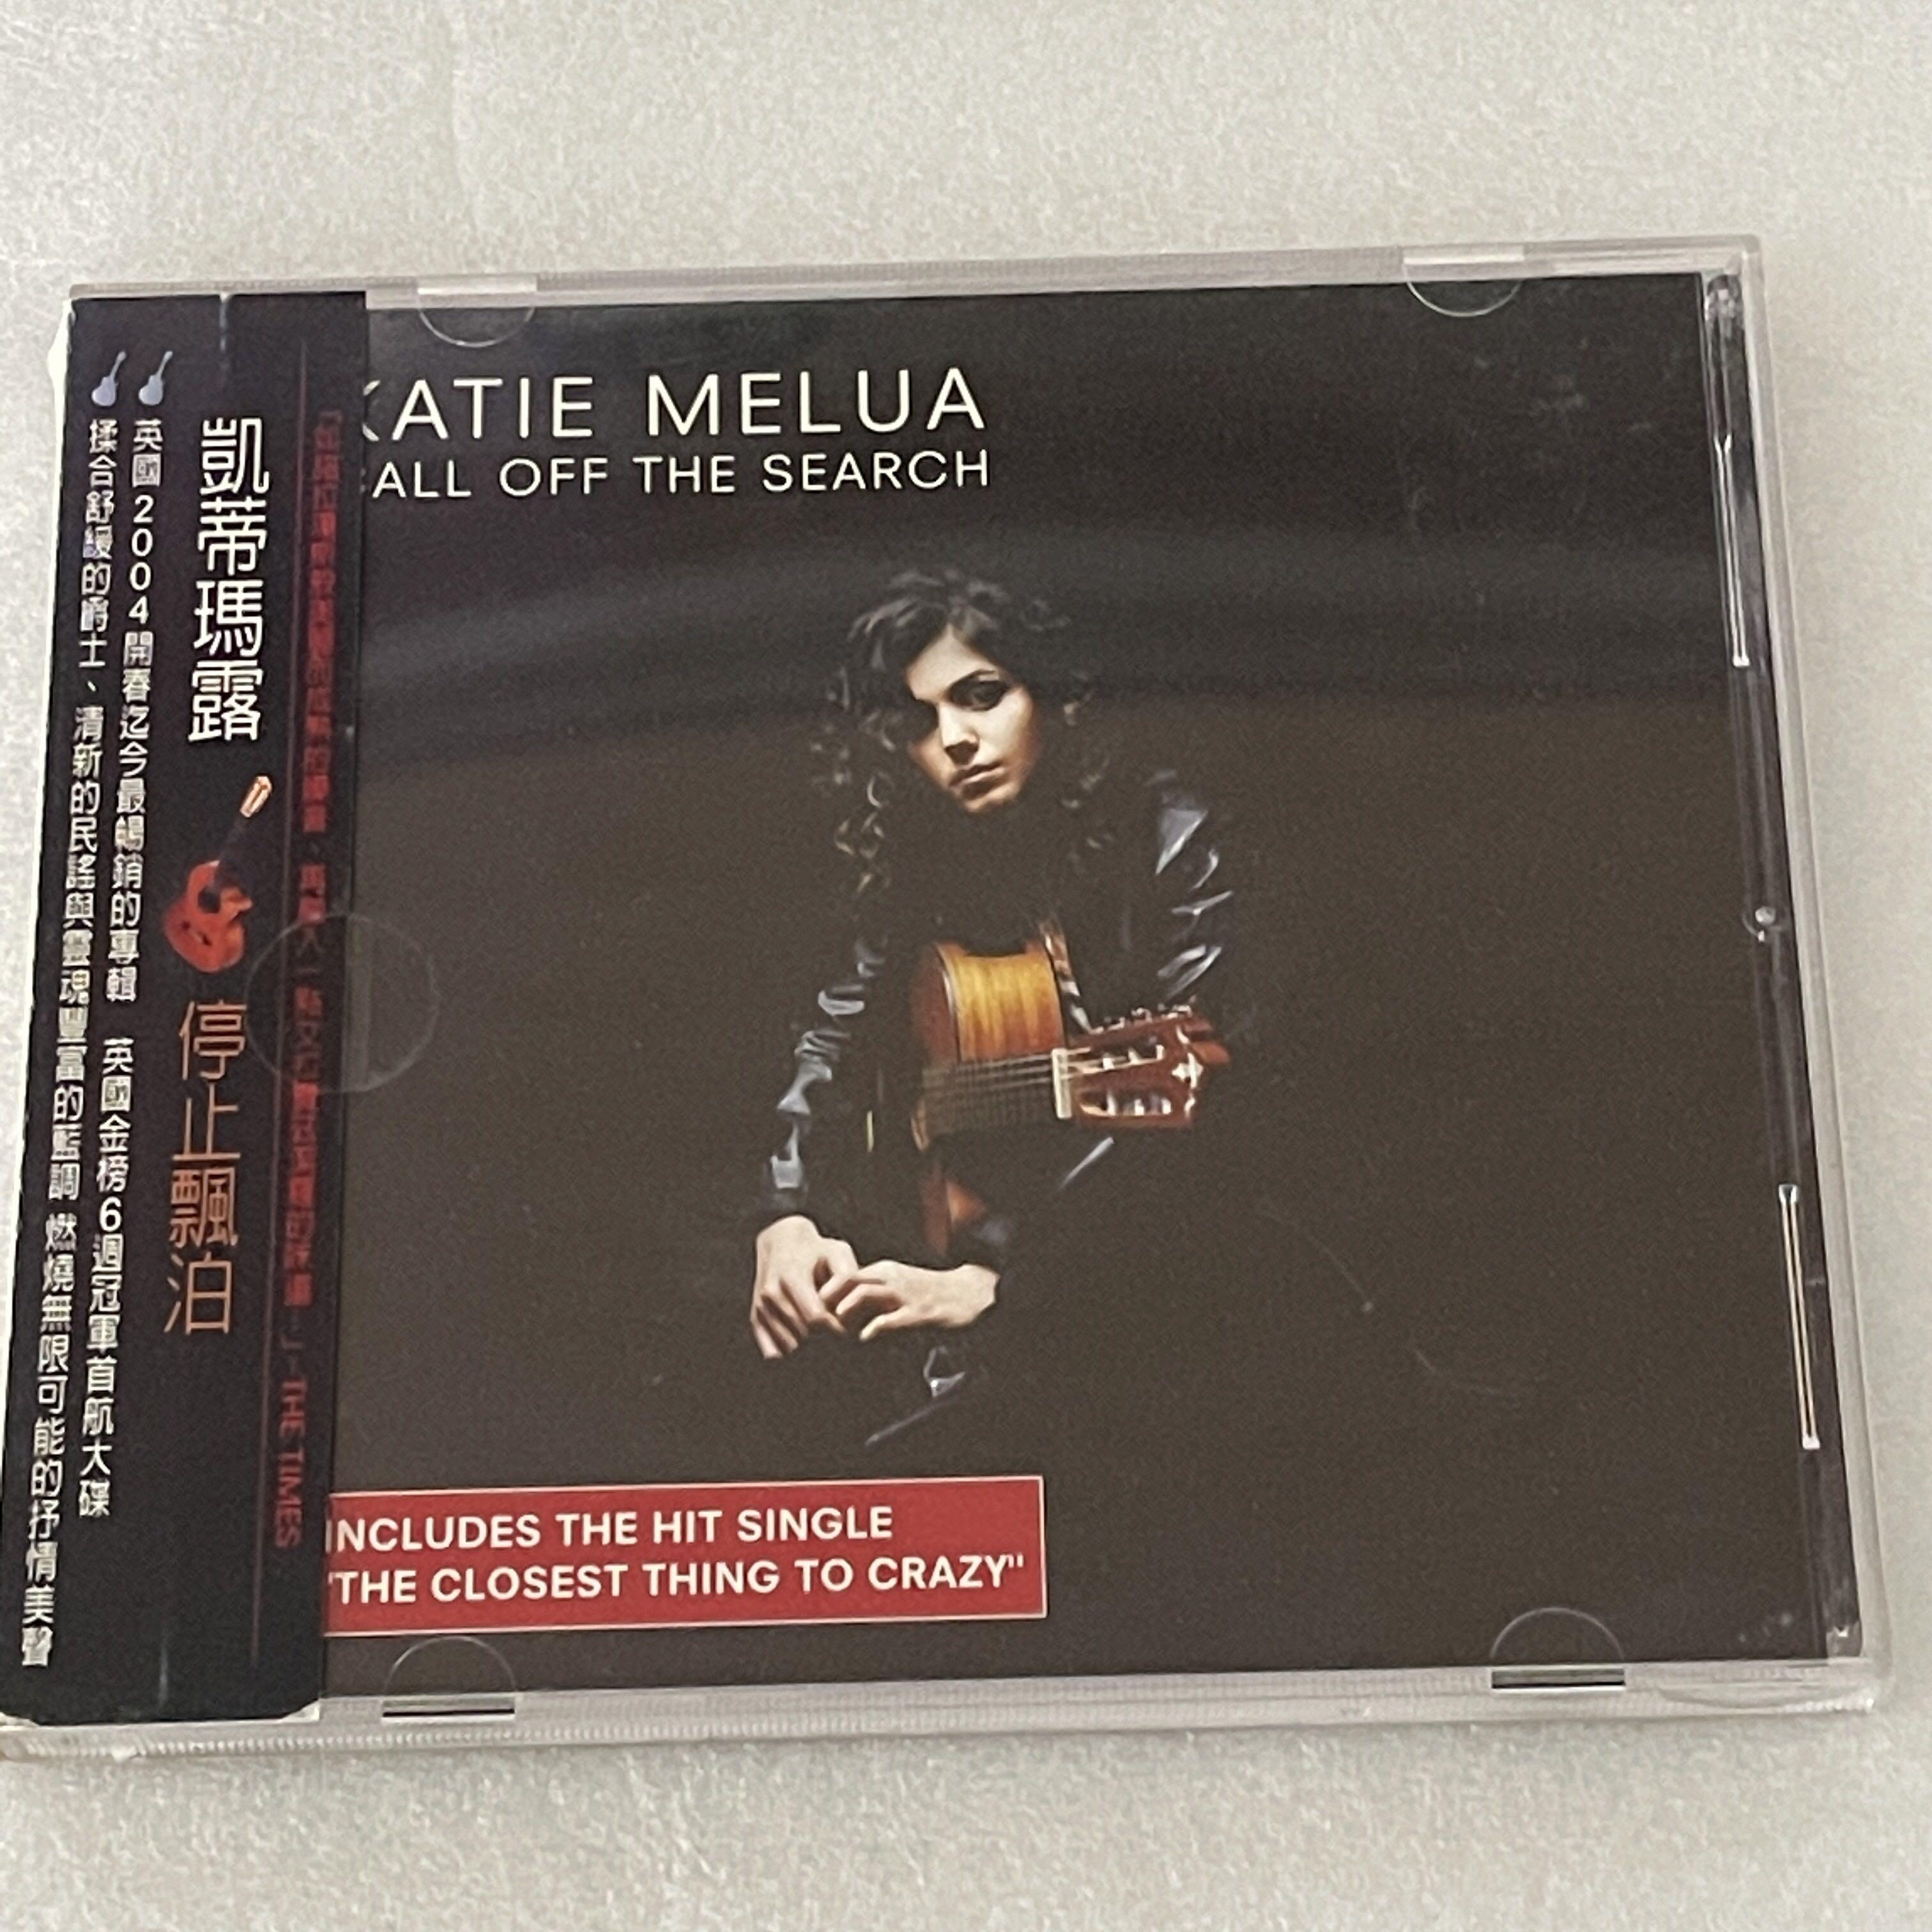 凱特瑪露 Katie Melua/ Call Off The Search 停止飄泊(2004)